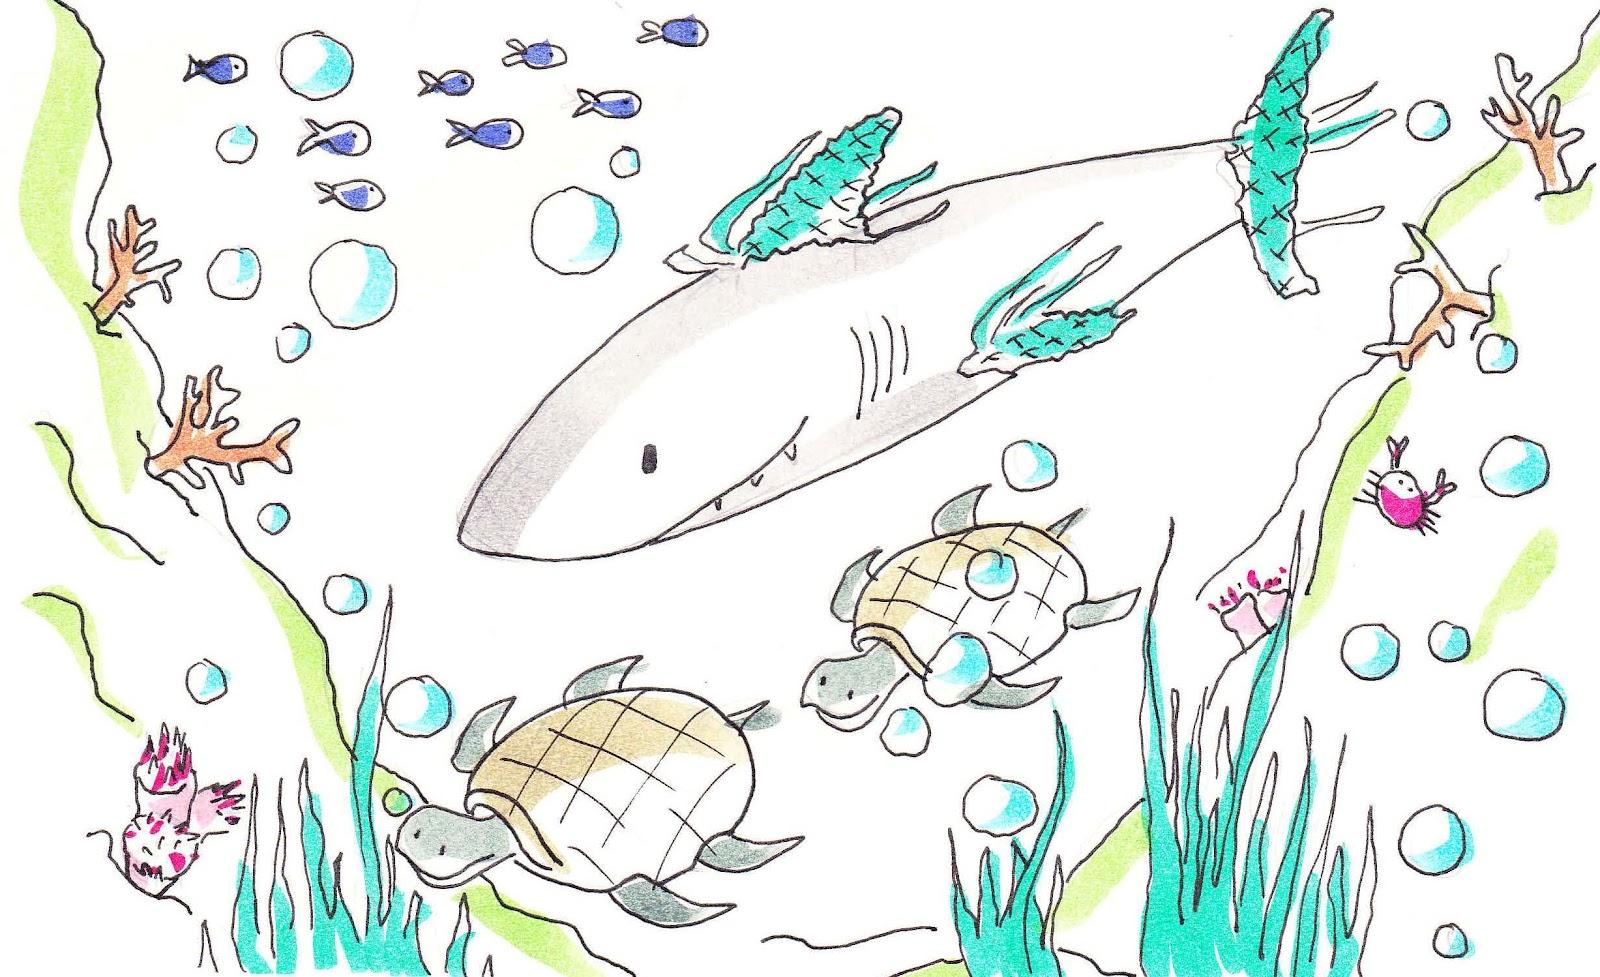 El Baño De Tina Y Leo Cuento Audiocuento Y Lámina Para: El Tiburón Que Aprendió A Nadar